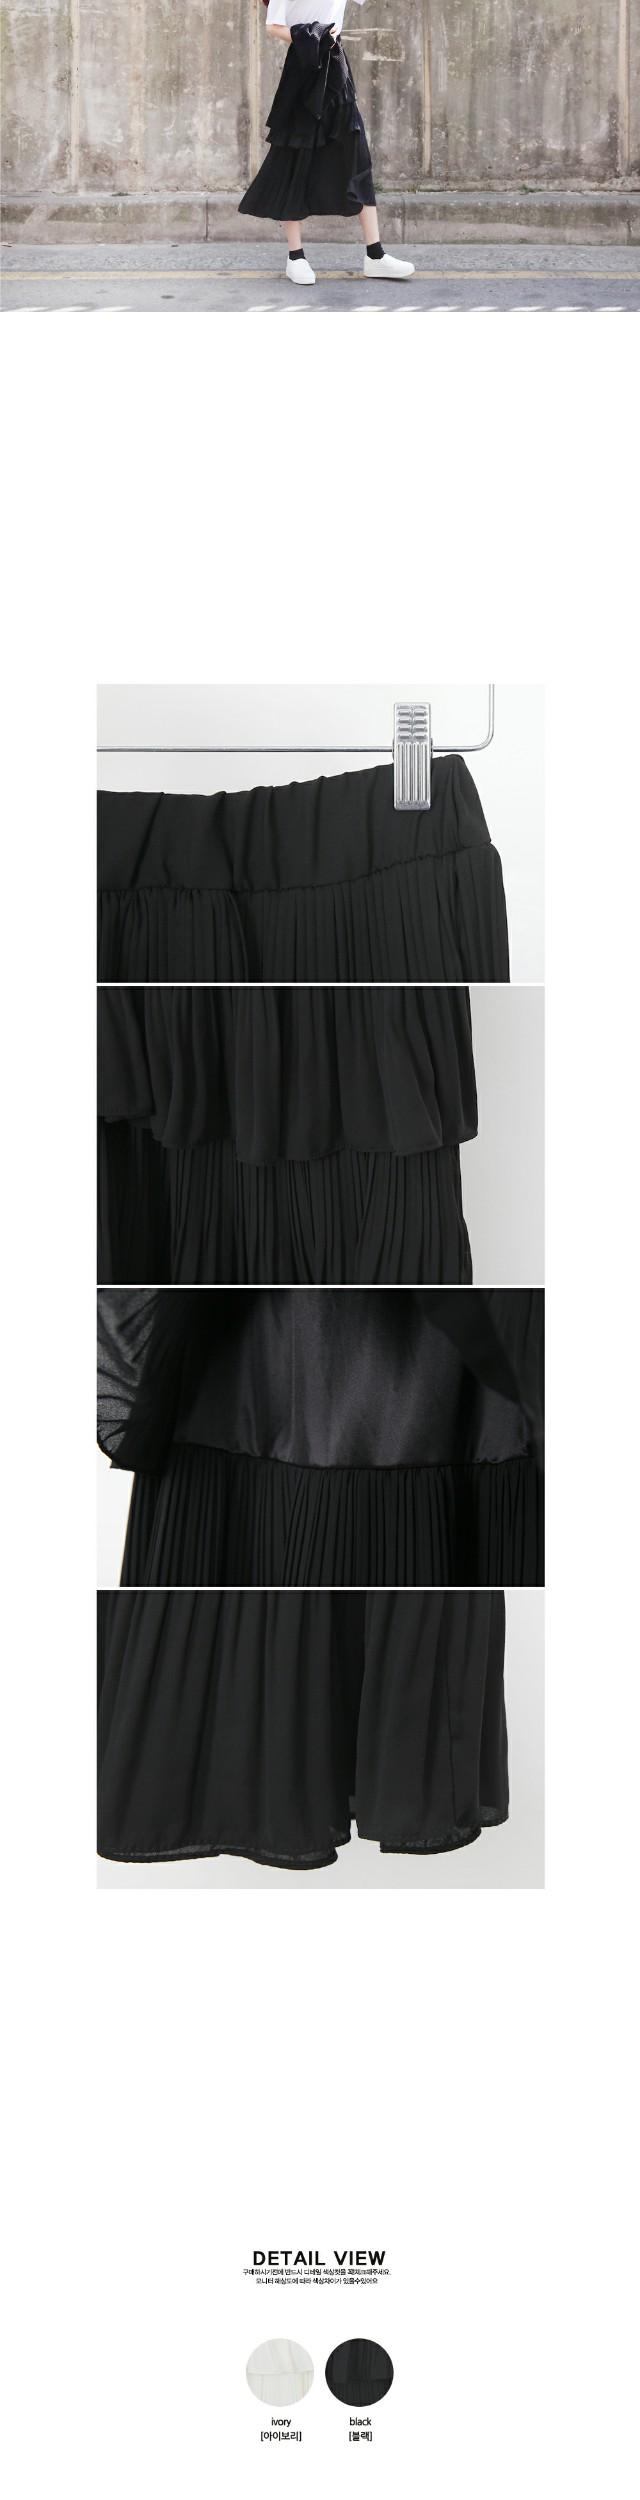 Shine Chiffon Long Canker Skirt